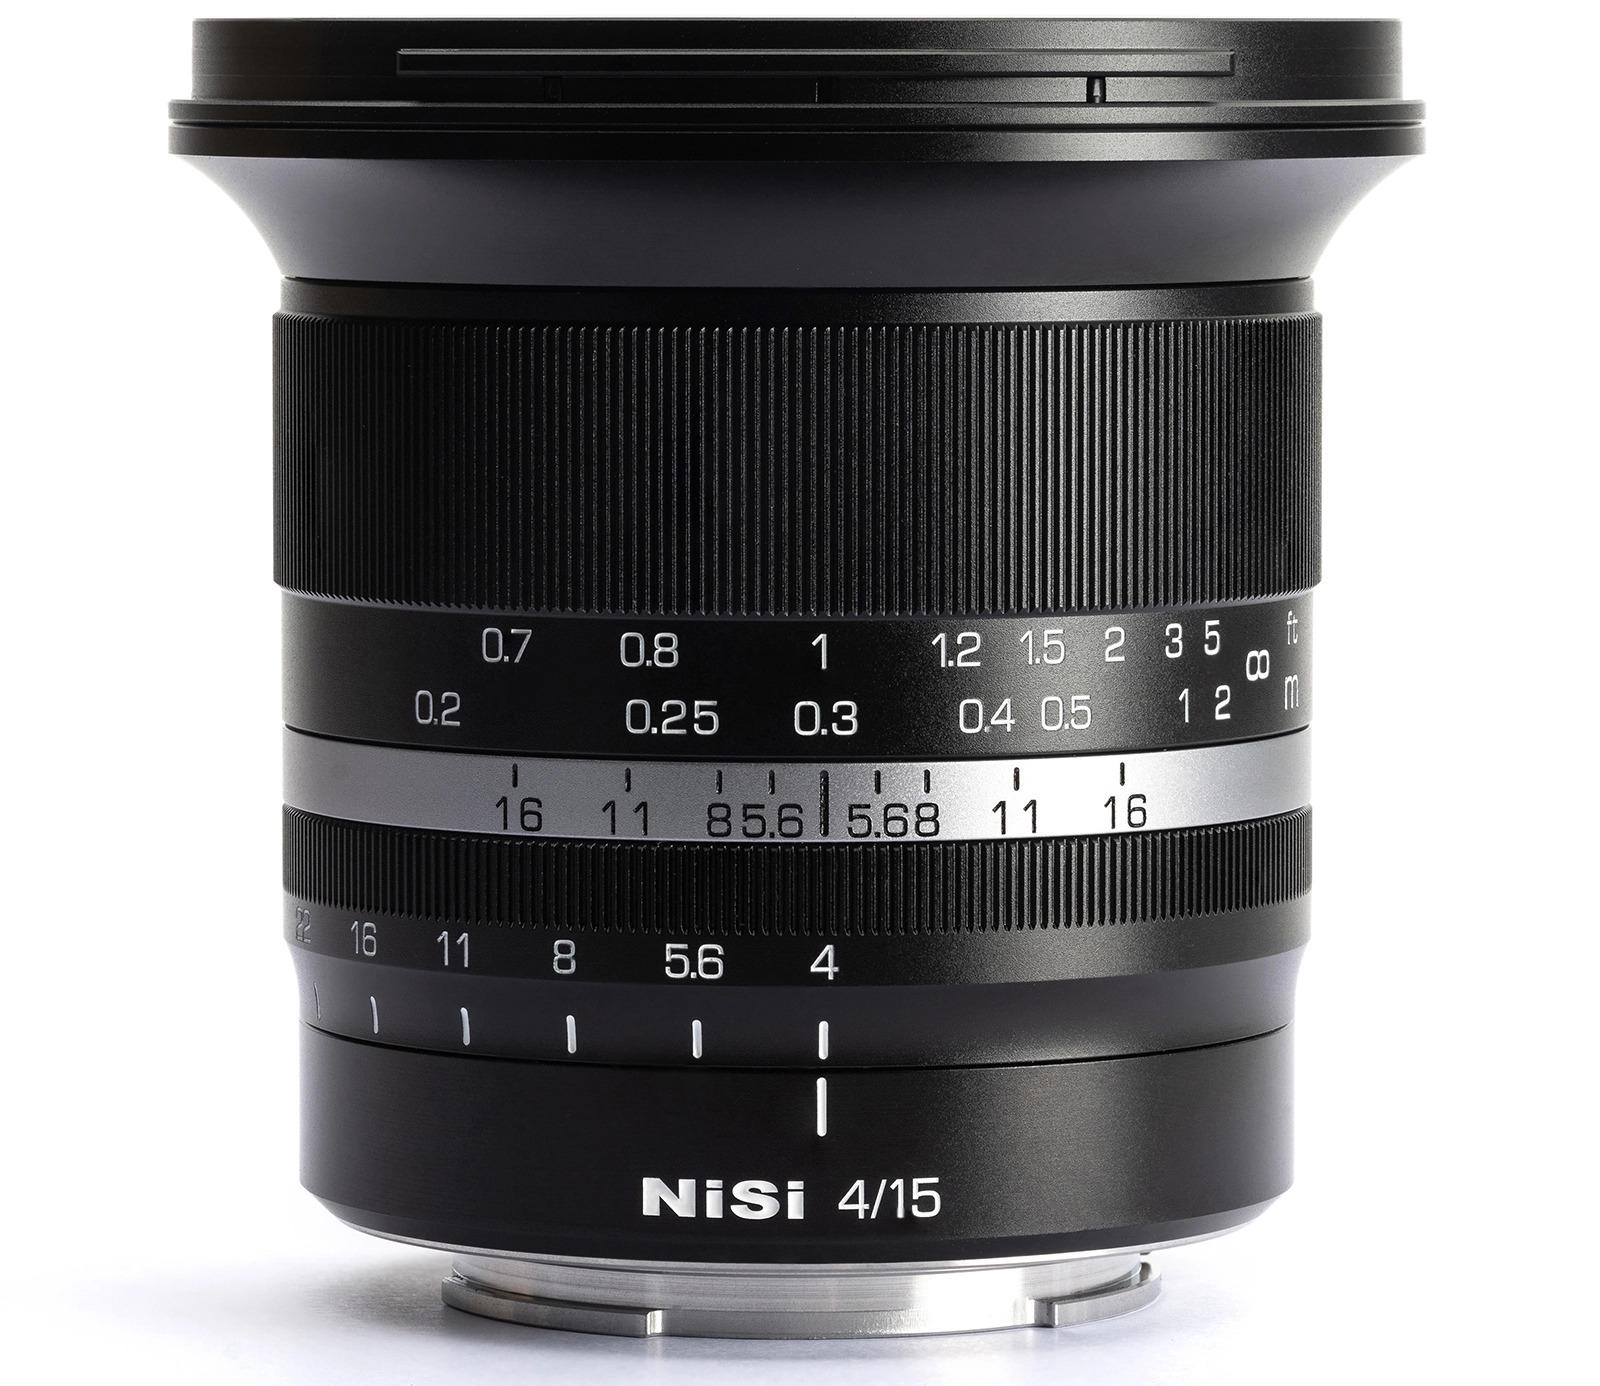 NiSi 15mm F4